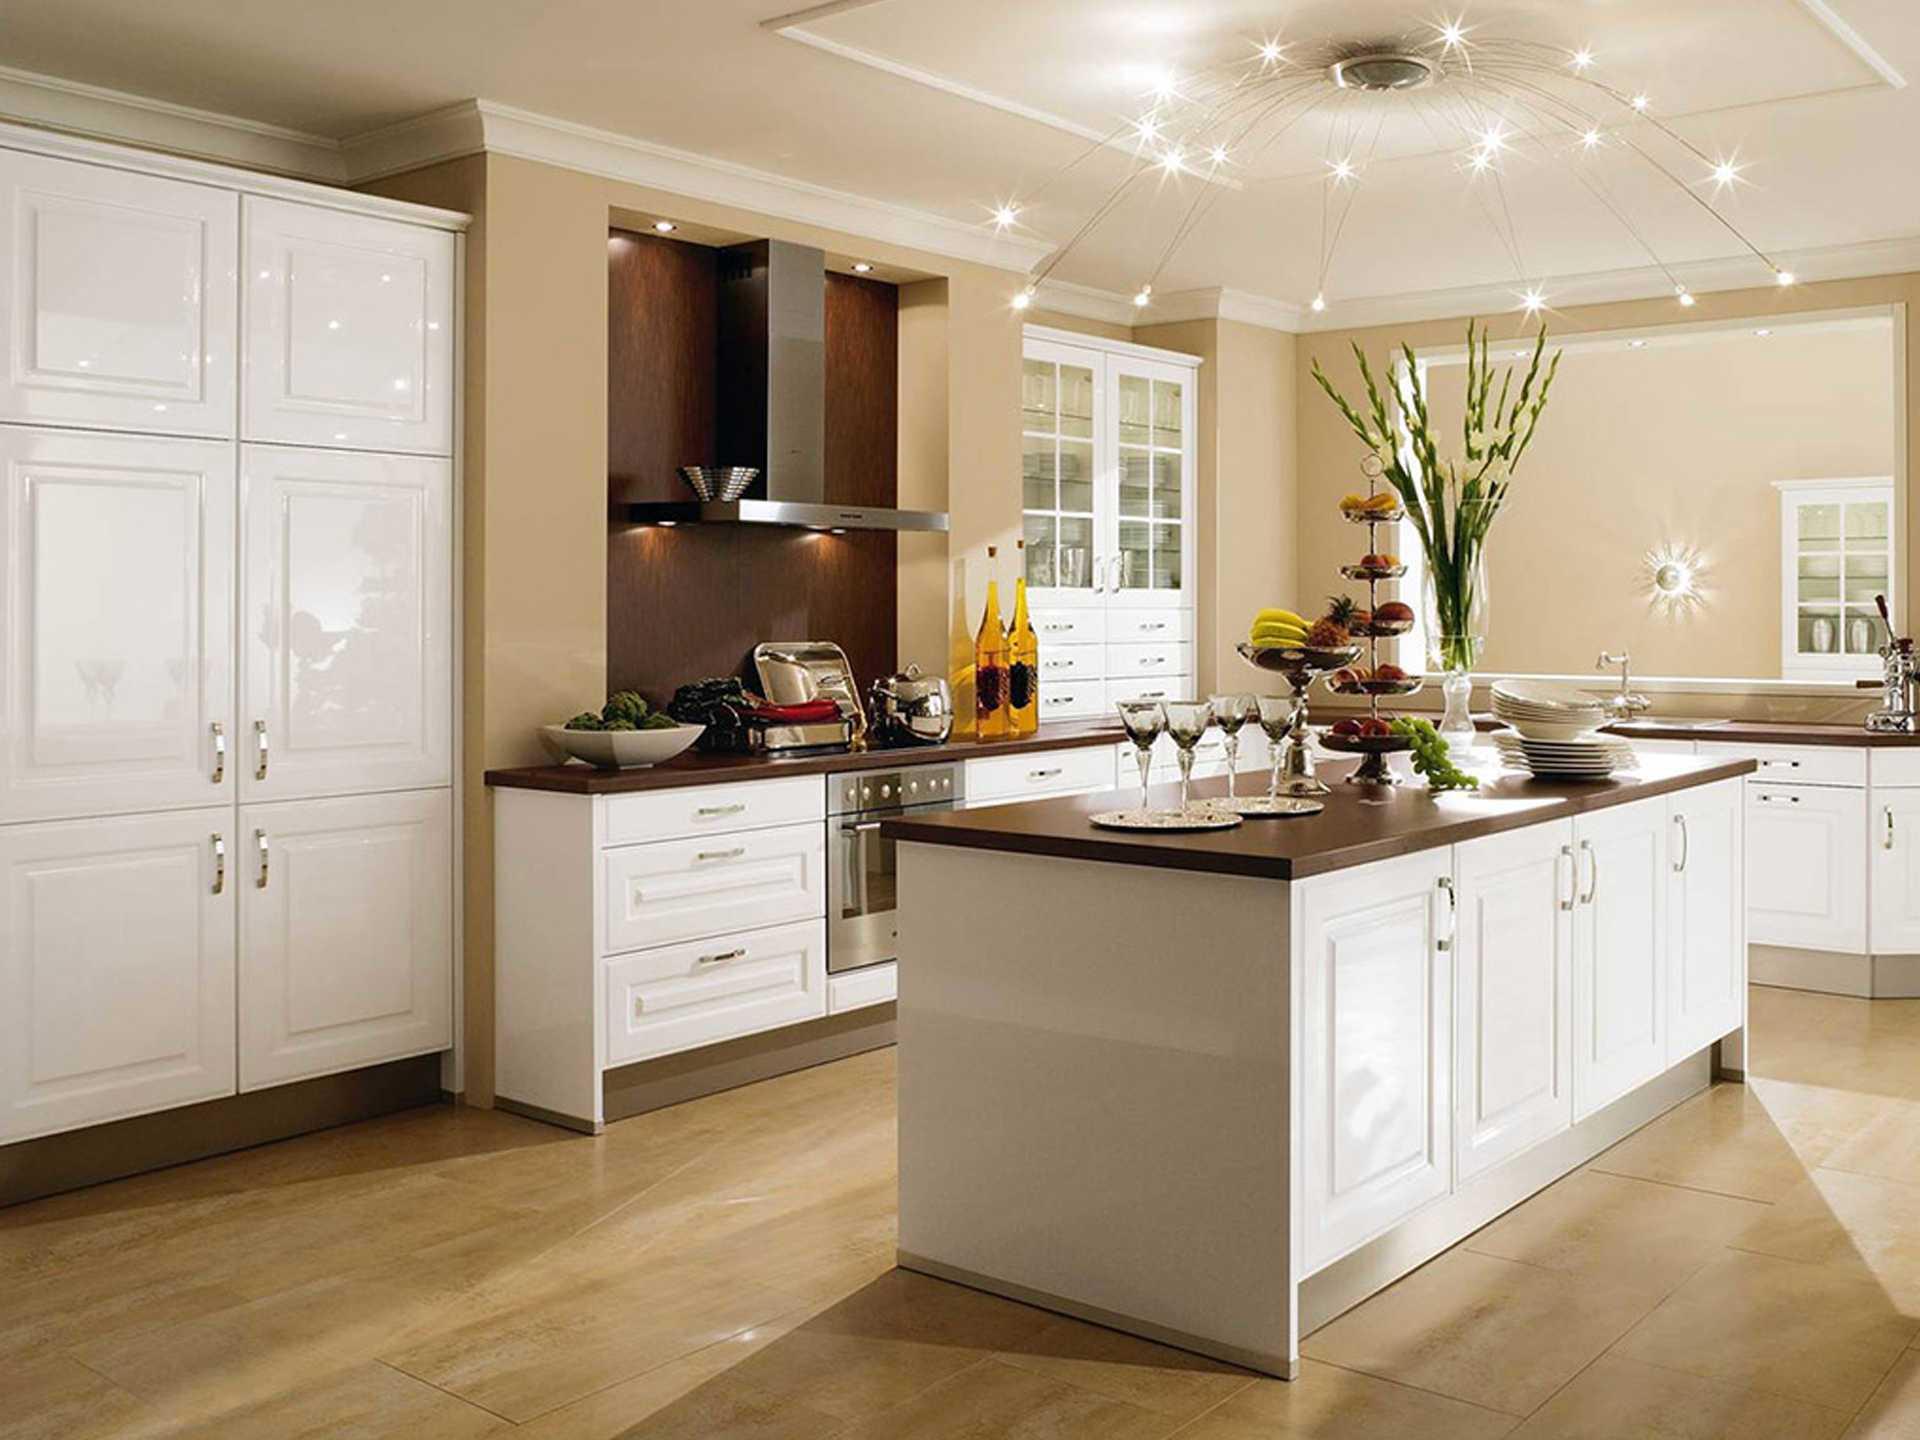 Kiveda Küchen kiveda küchen und einbauküchen 10405 berlin